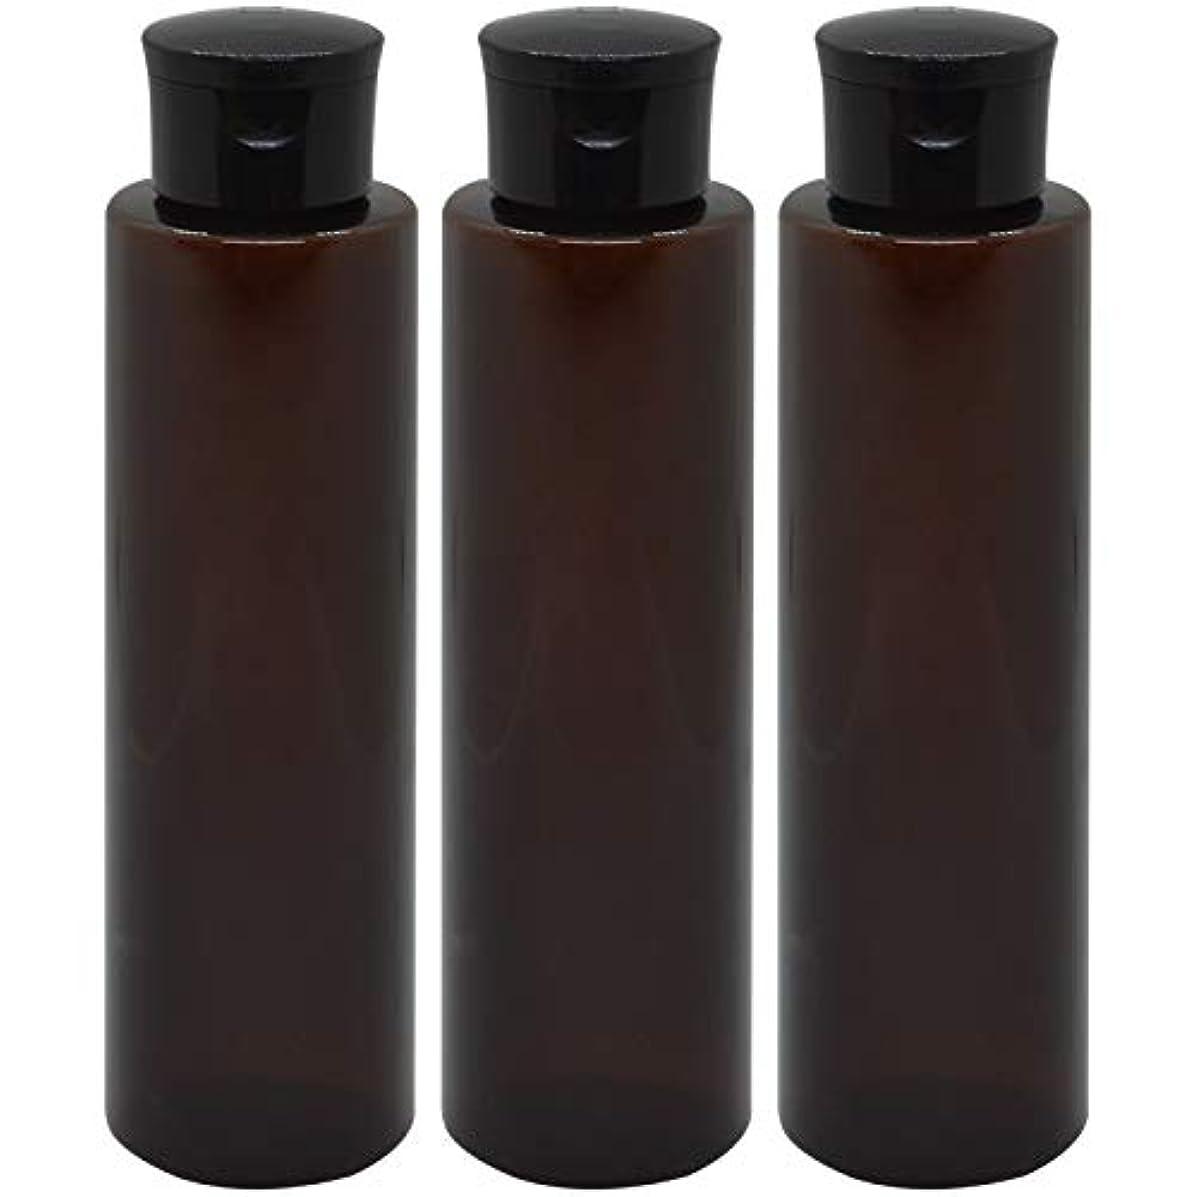 膨らみメダリスト処分した日本製 化粧品詰め替えボトル 茶色 200ml 3本セット ワンタッチキャップペットボトル クリアブラウン